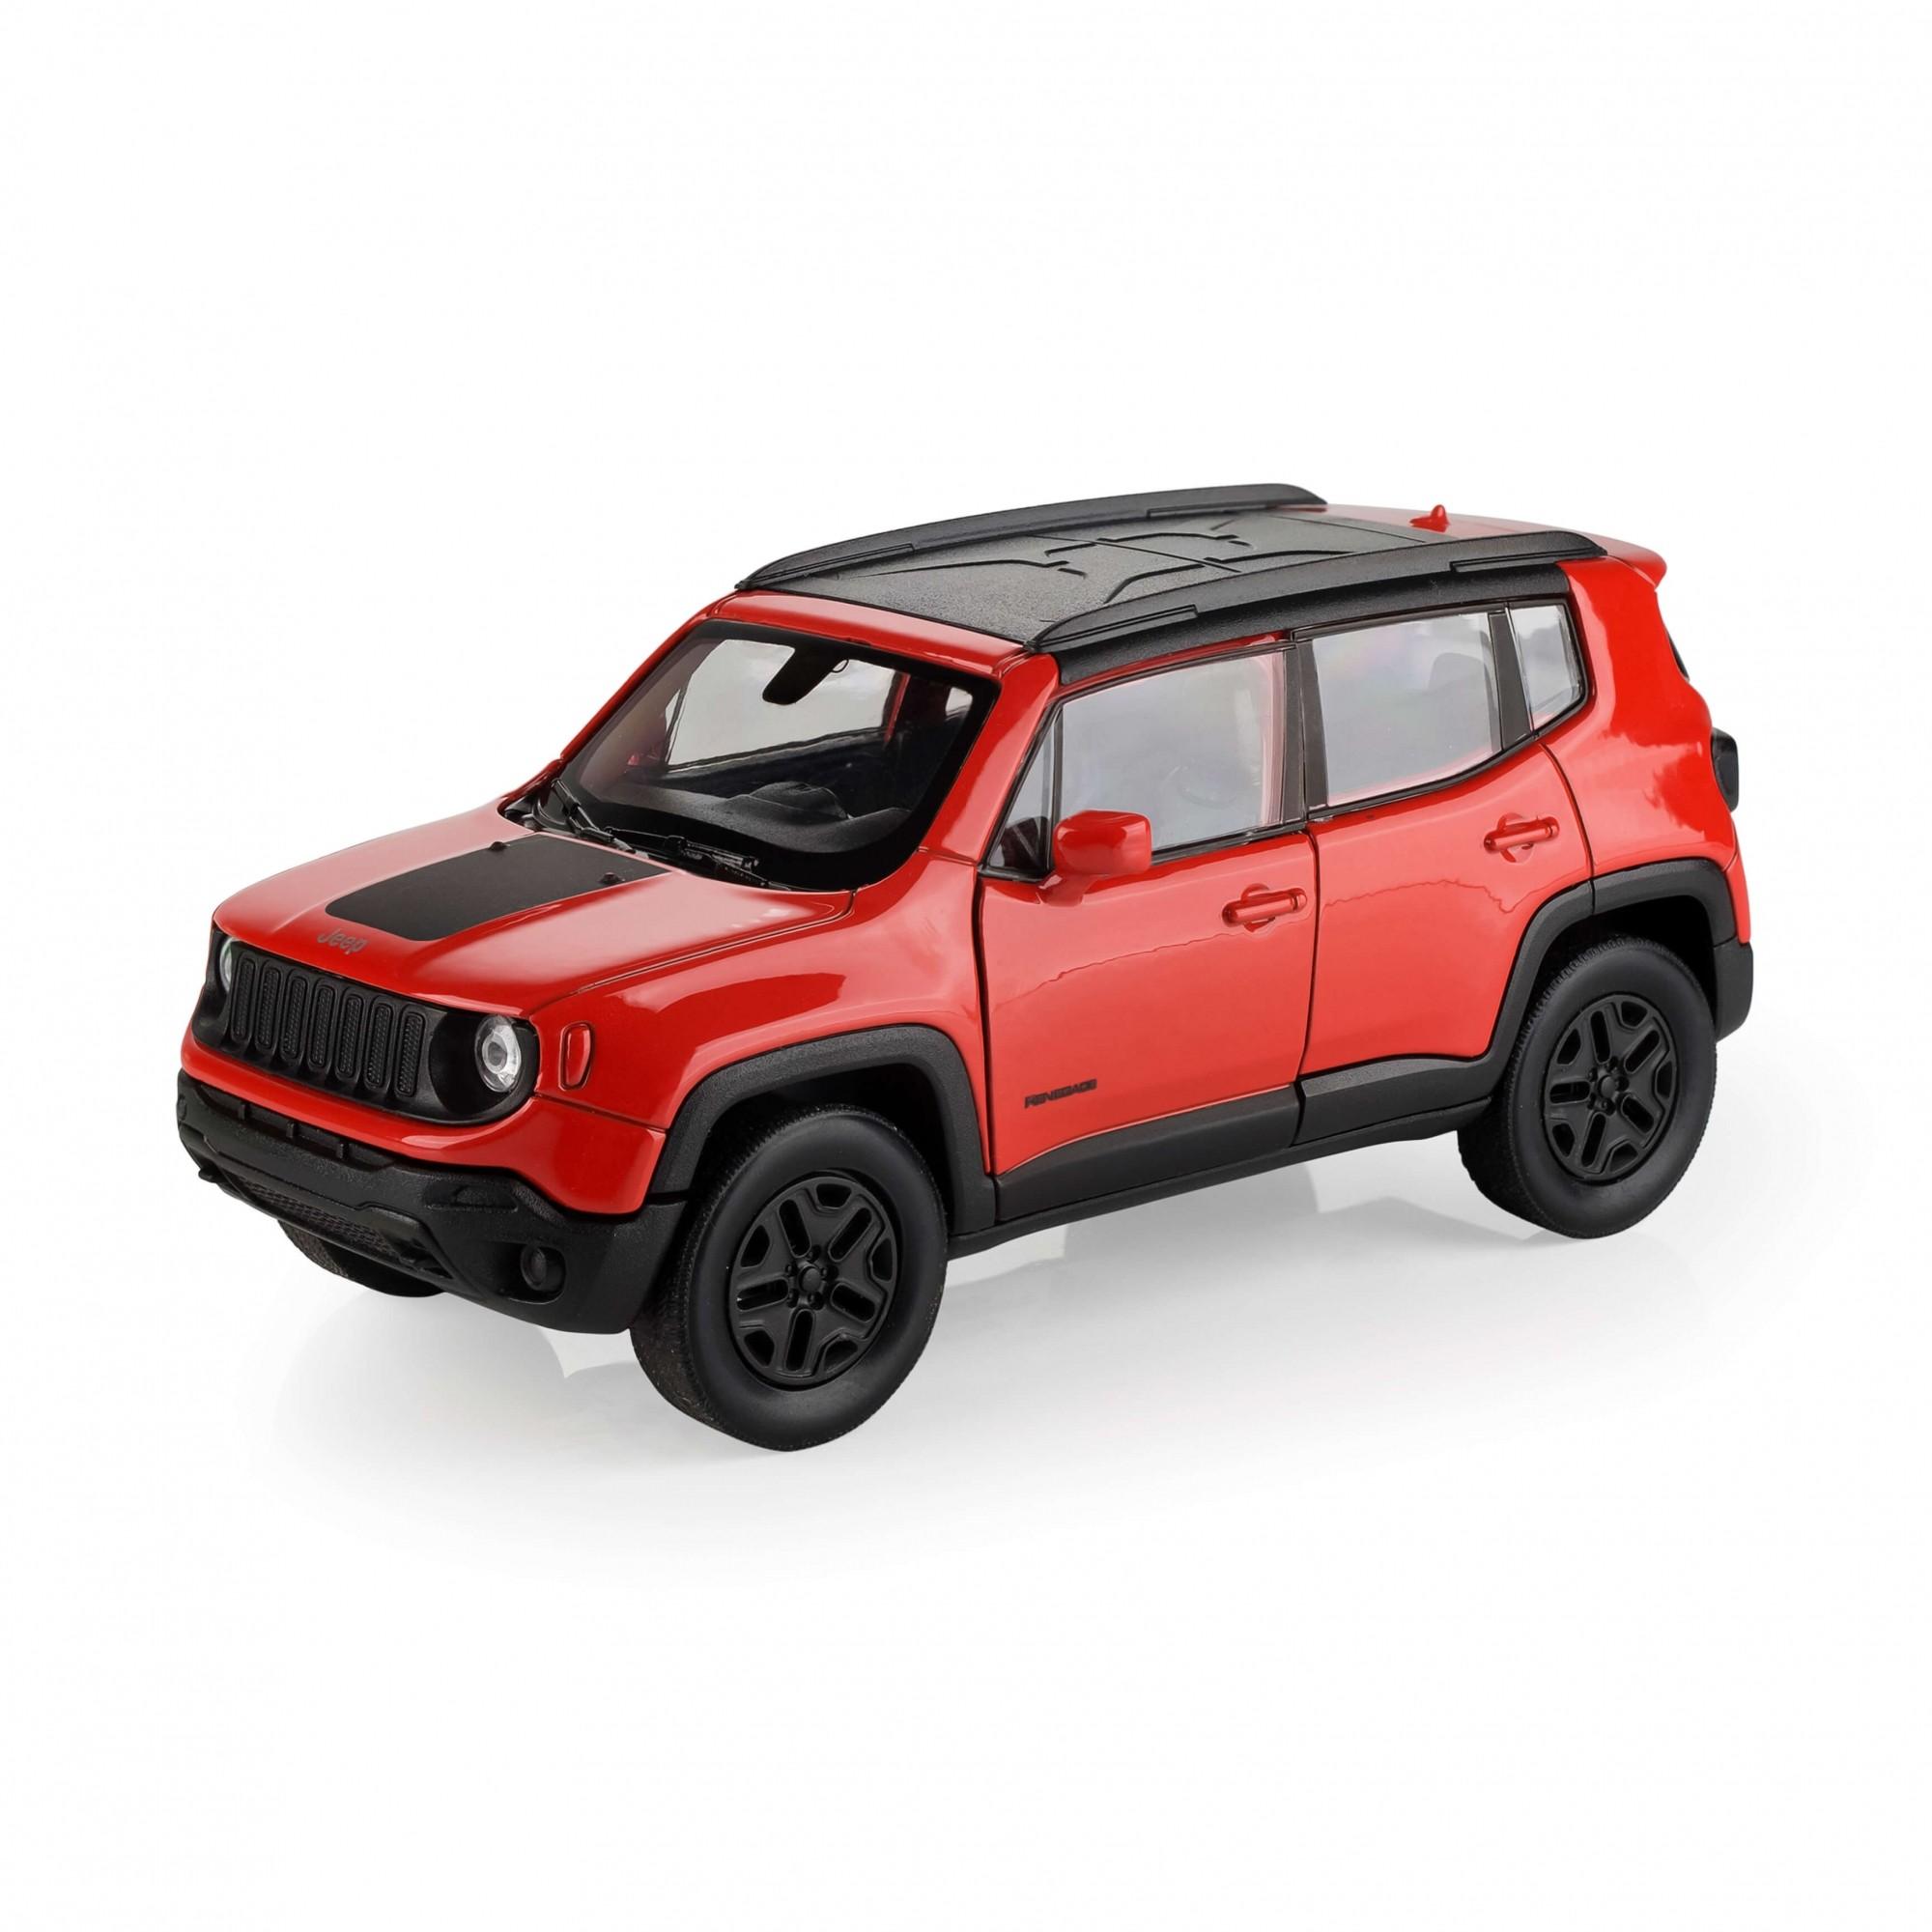 Miniatura Jeep Renegade Trailhawk 1:32 Welly - Laranja